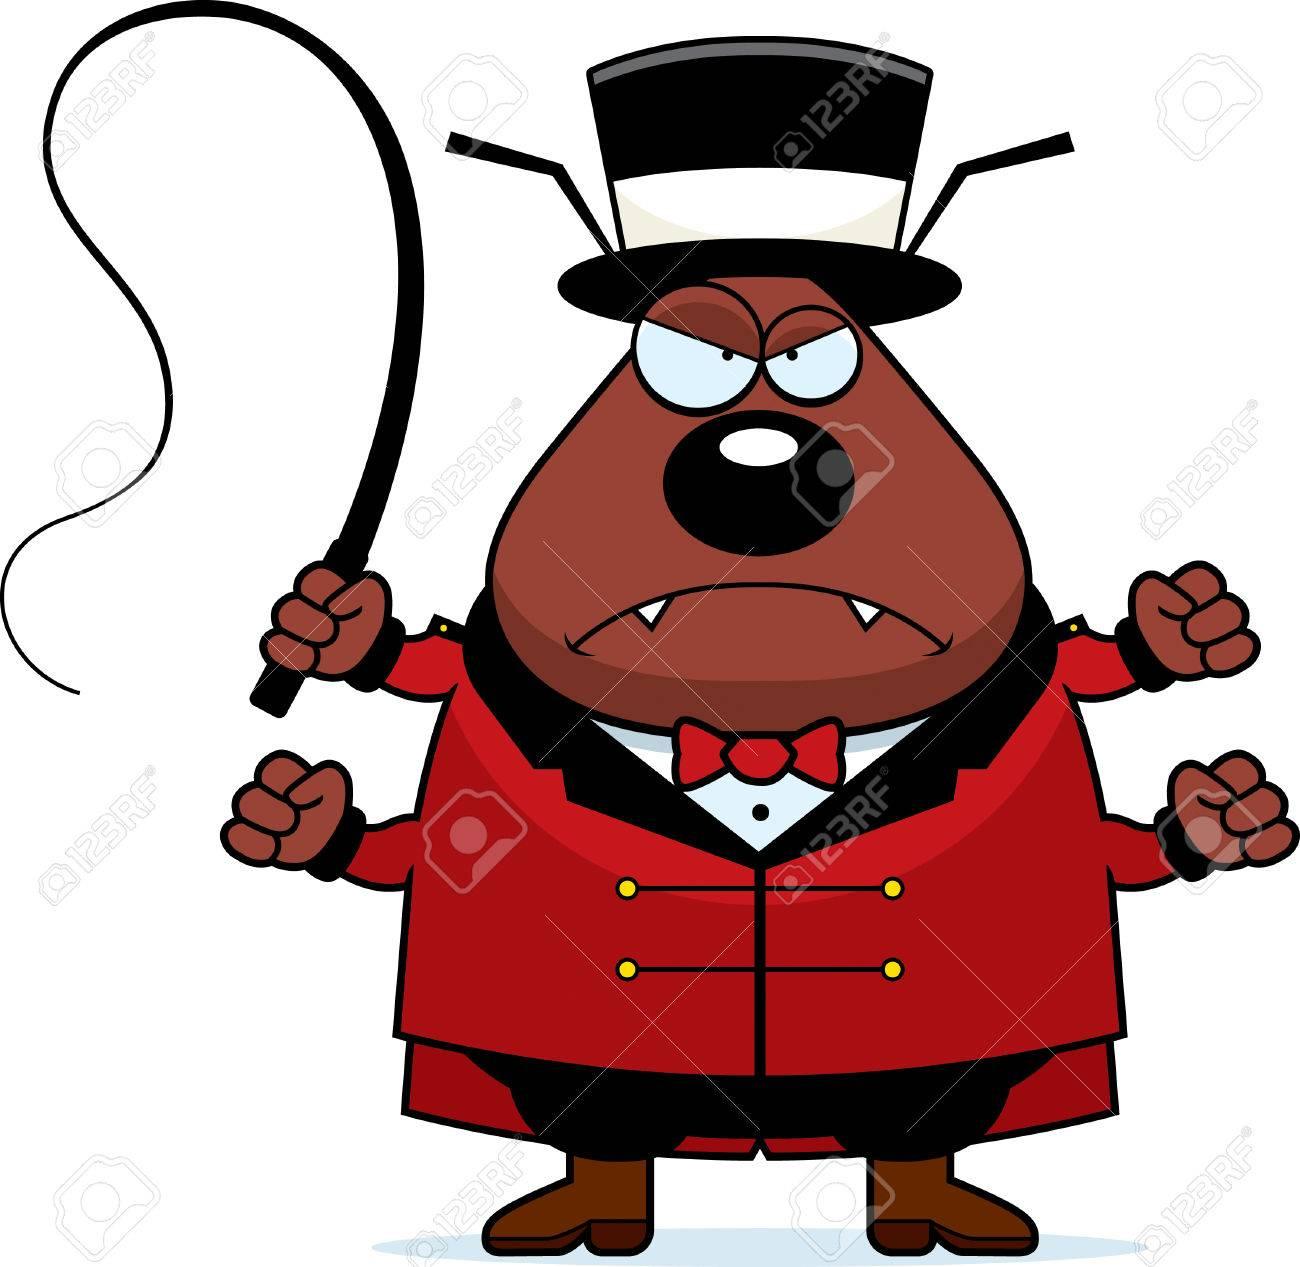 Una Ilustración De Dibujos Animados De Un Jefe De Pista De Circo De Pulgas  Con Una Expresión Enojada. Ilustraciones Vectoriales, Clip Art Vectorizado  Libre De Derechos. Image 42600530.